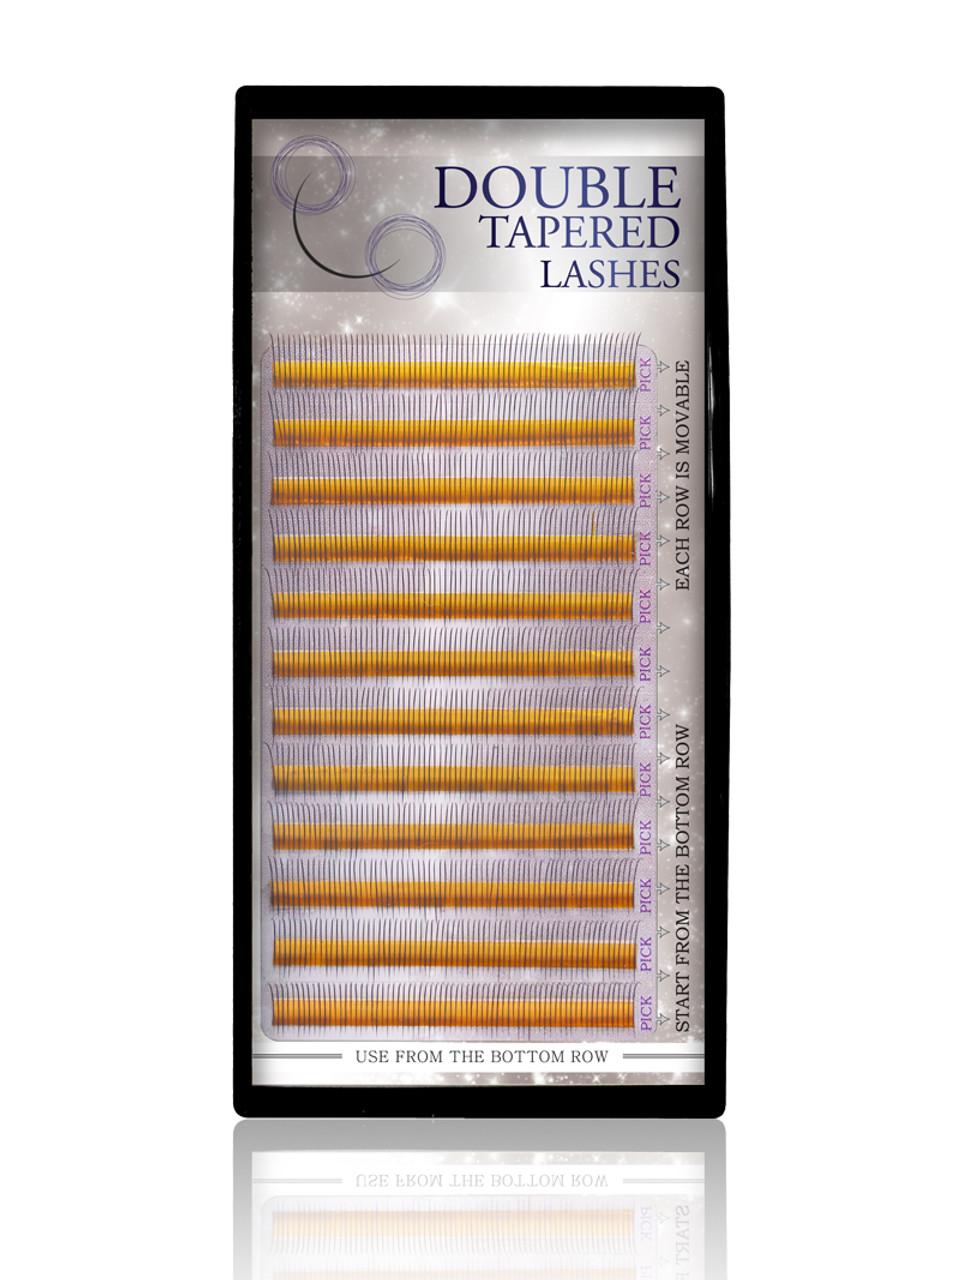 c005c8e9844 Double Tapered Lash - iLashstore.com